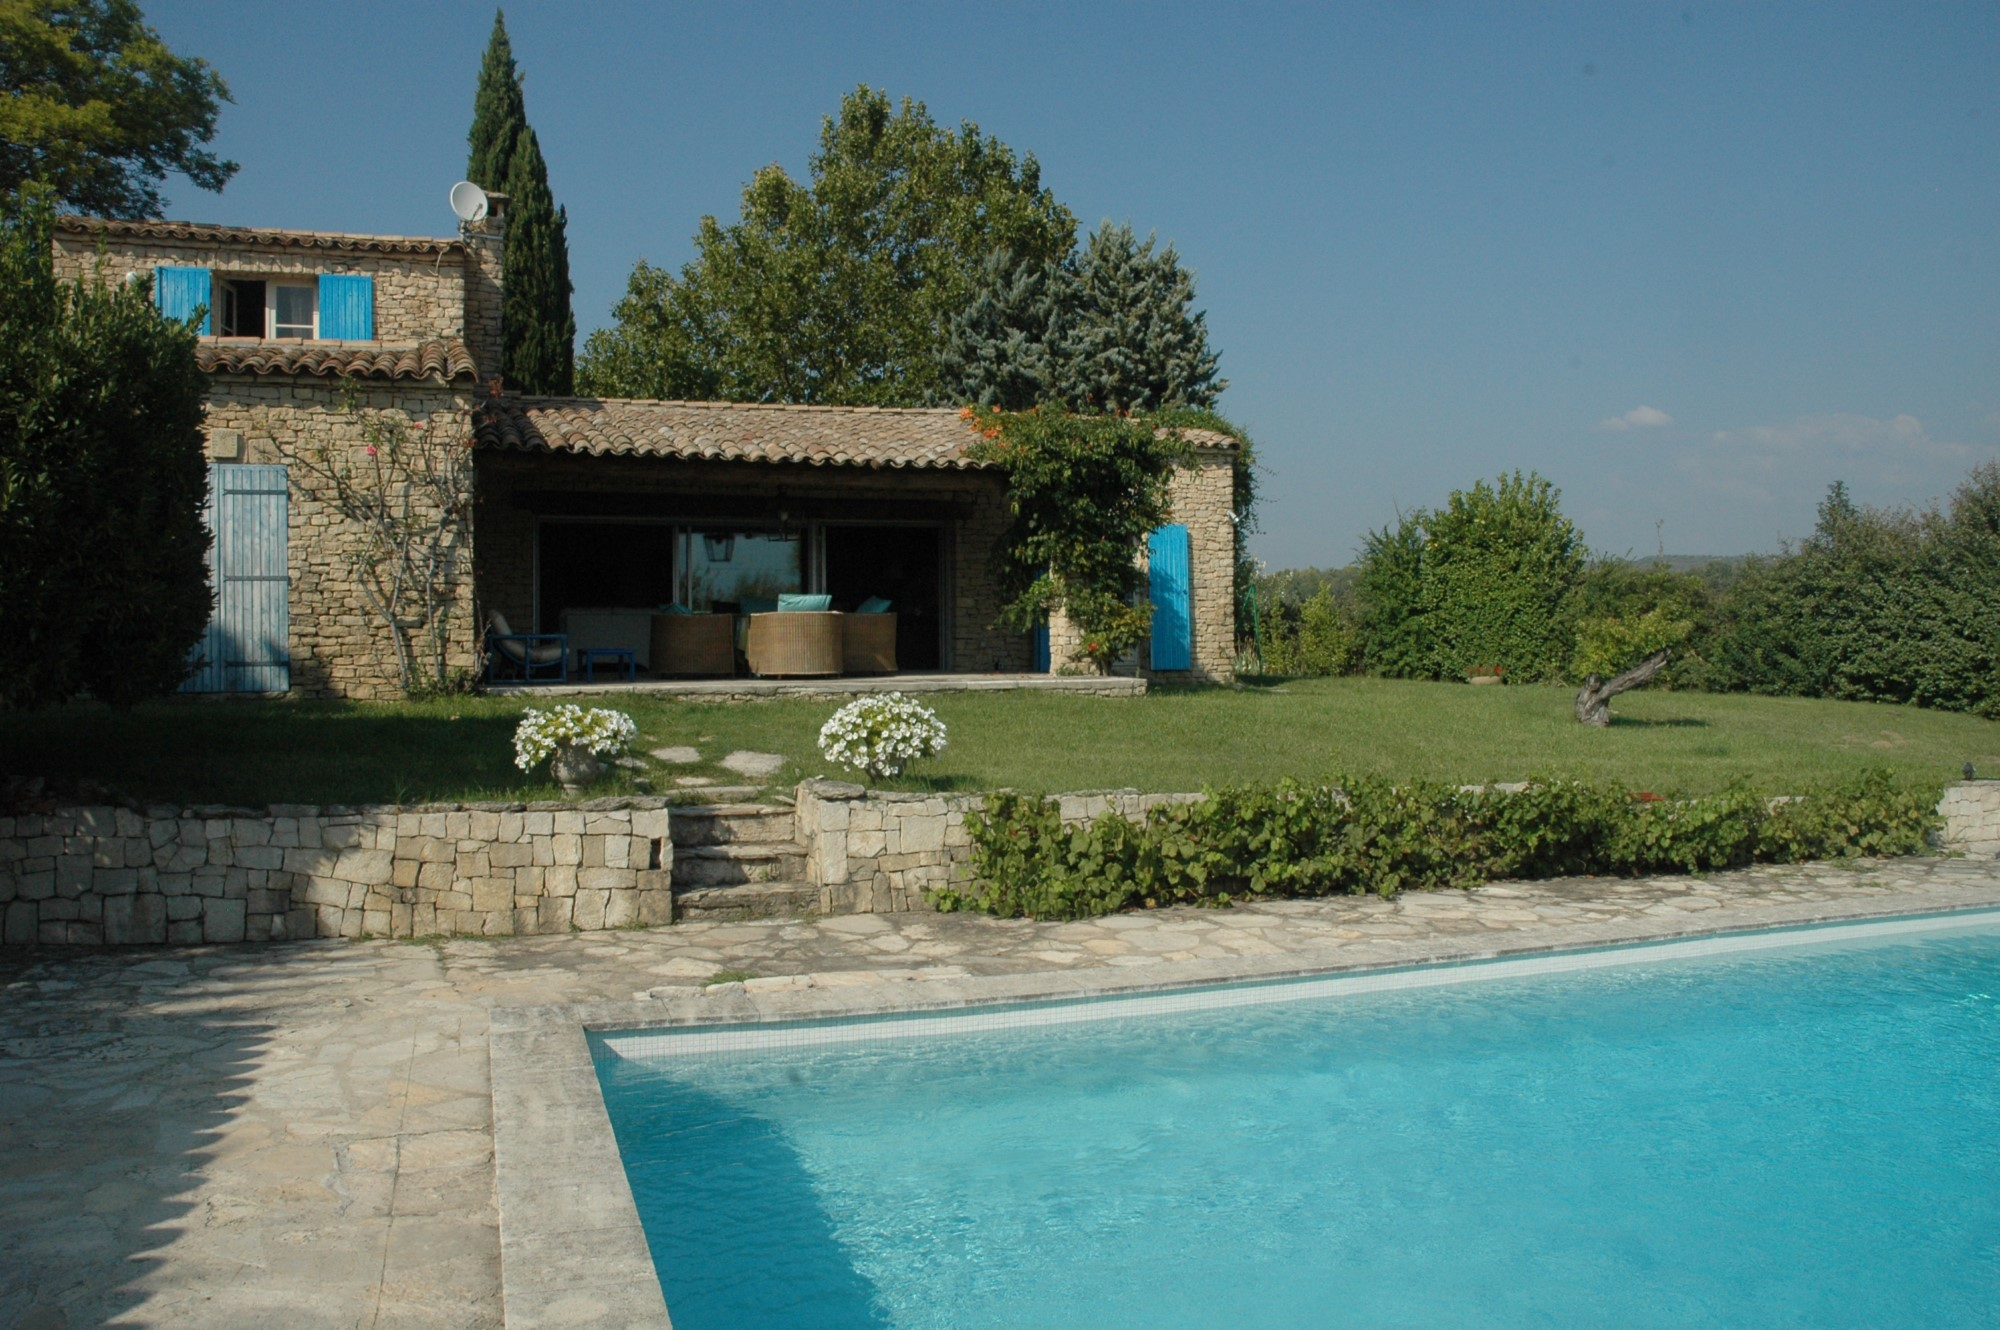 Villa en pierres dans le Luberon avec jardin, piscine et vues à vendre